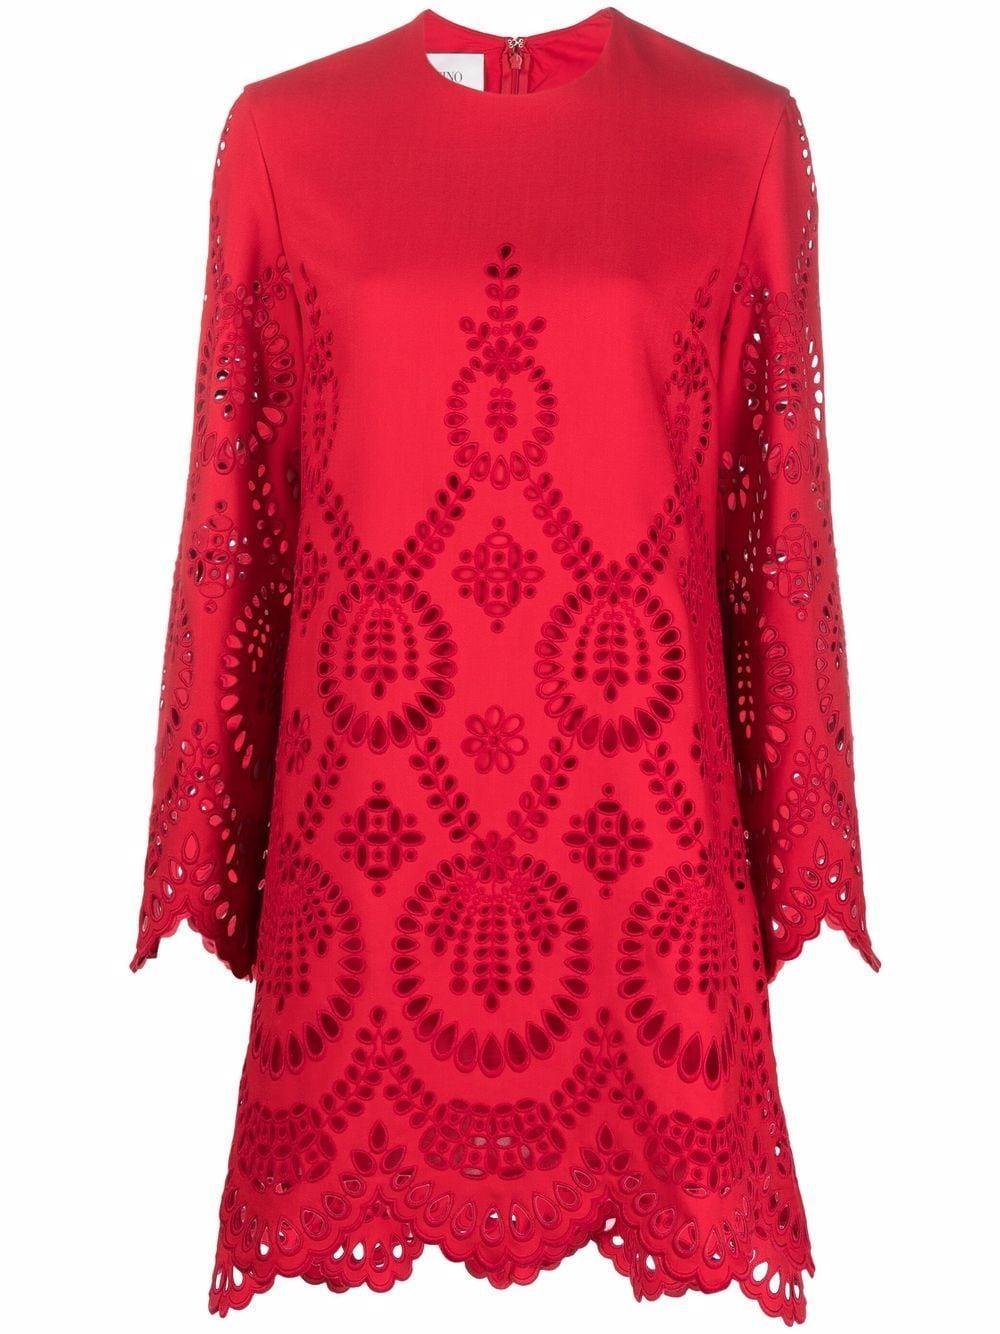 Laser Cut Mini Dress Item # WB3VAWD96GR